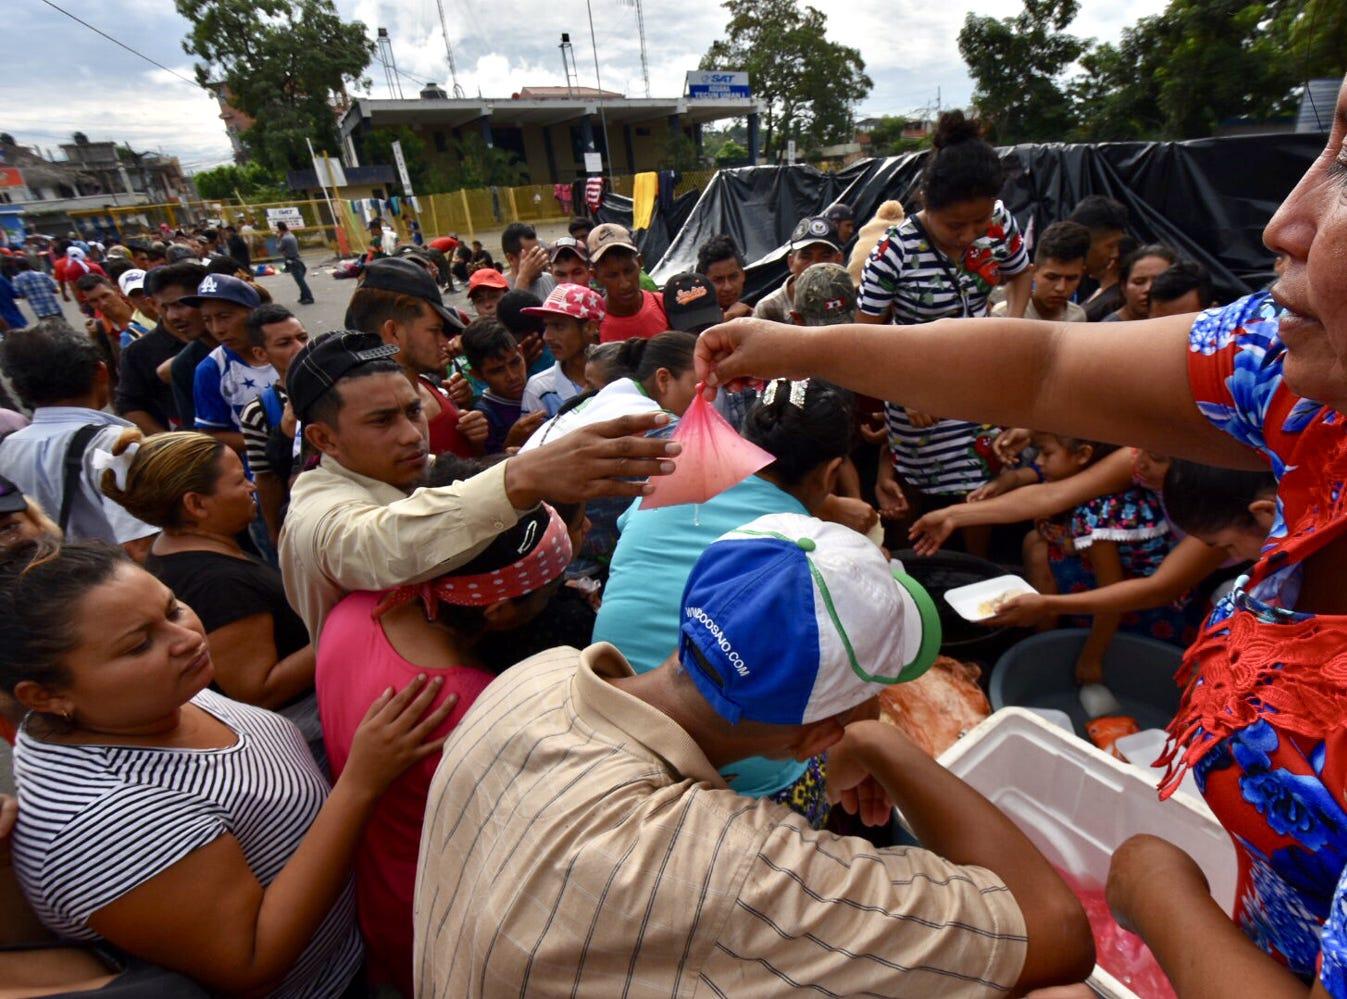 En el curso del día, personal del Instituto Nacional de Migración permitió el paso escalonado de grupos de 40 integrantes de la caravana, dando prioridad a mujeres con sus hijos y menores no acompañados.